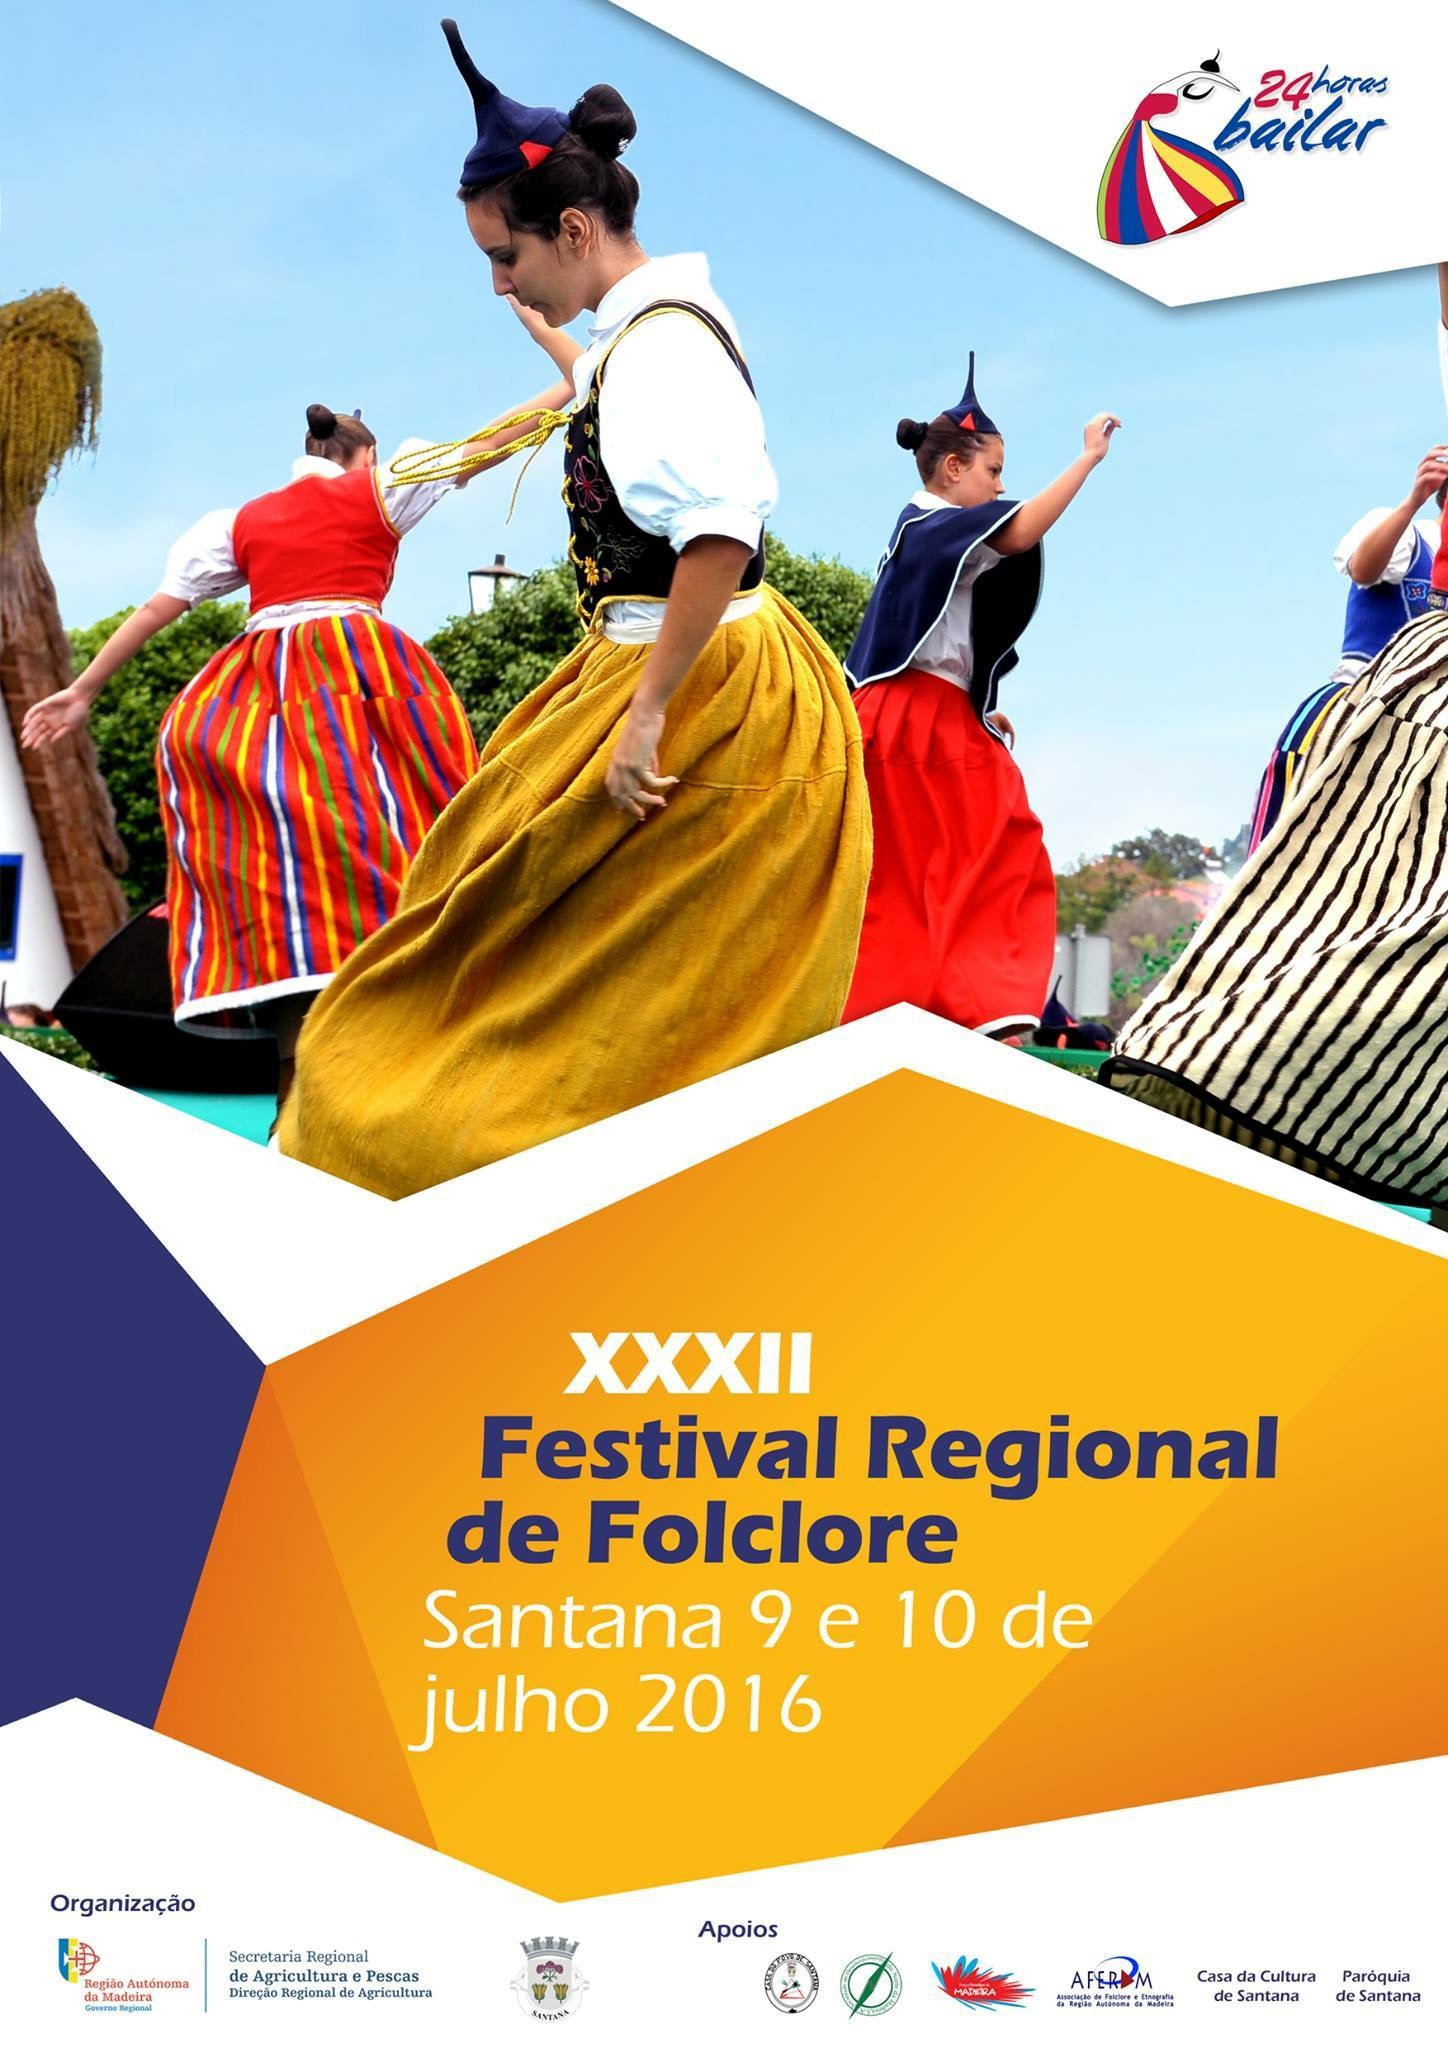 Cartel anunciando el Festival Regional de Folklore en Santana en 2016